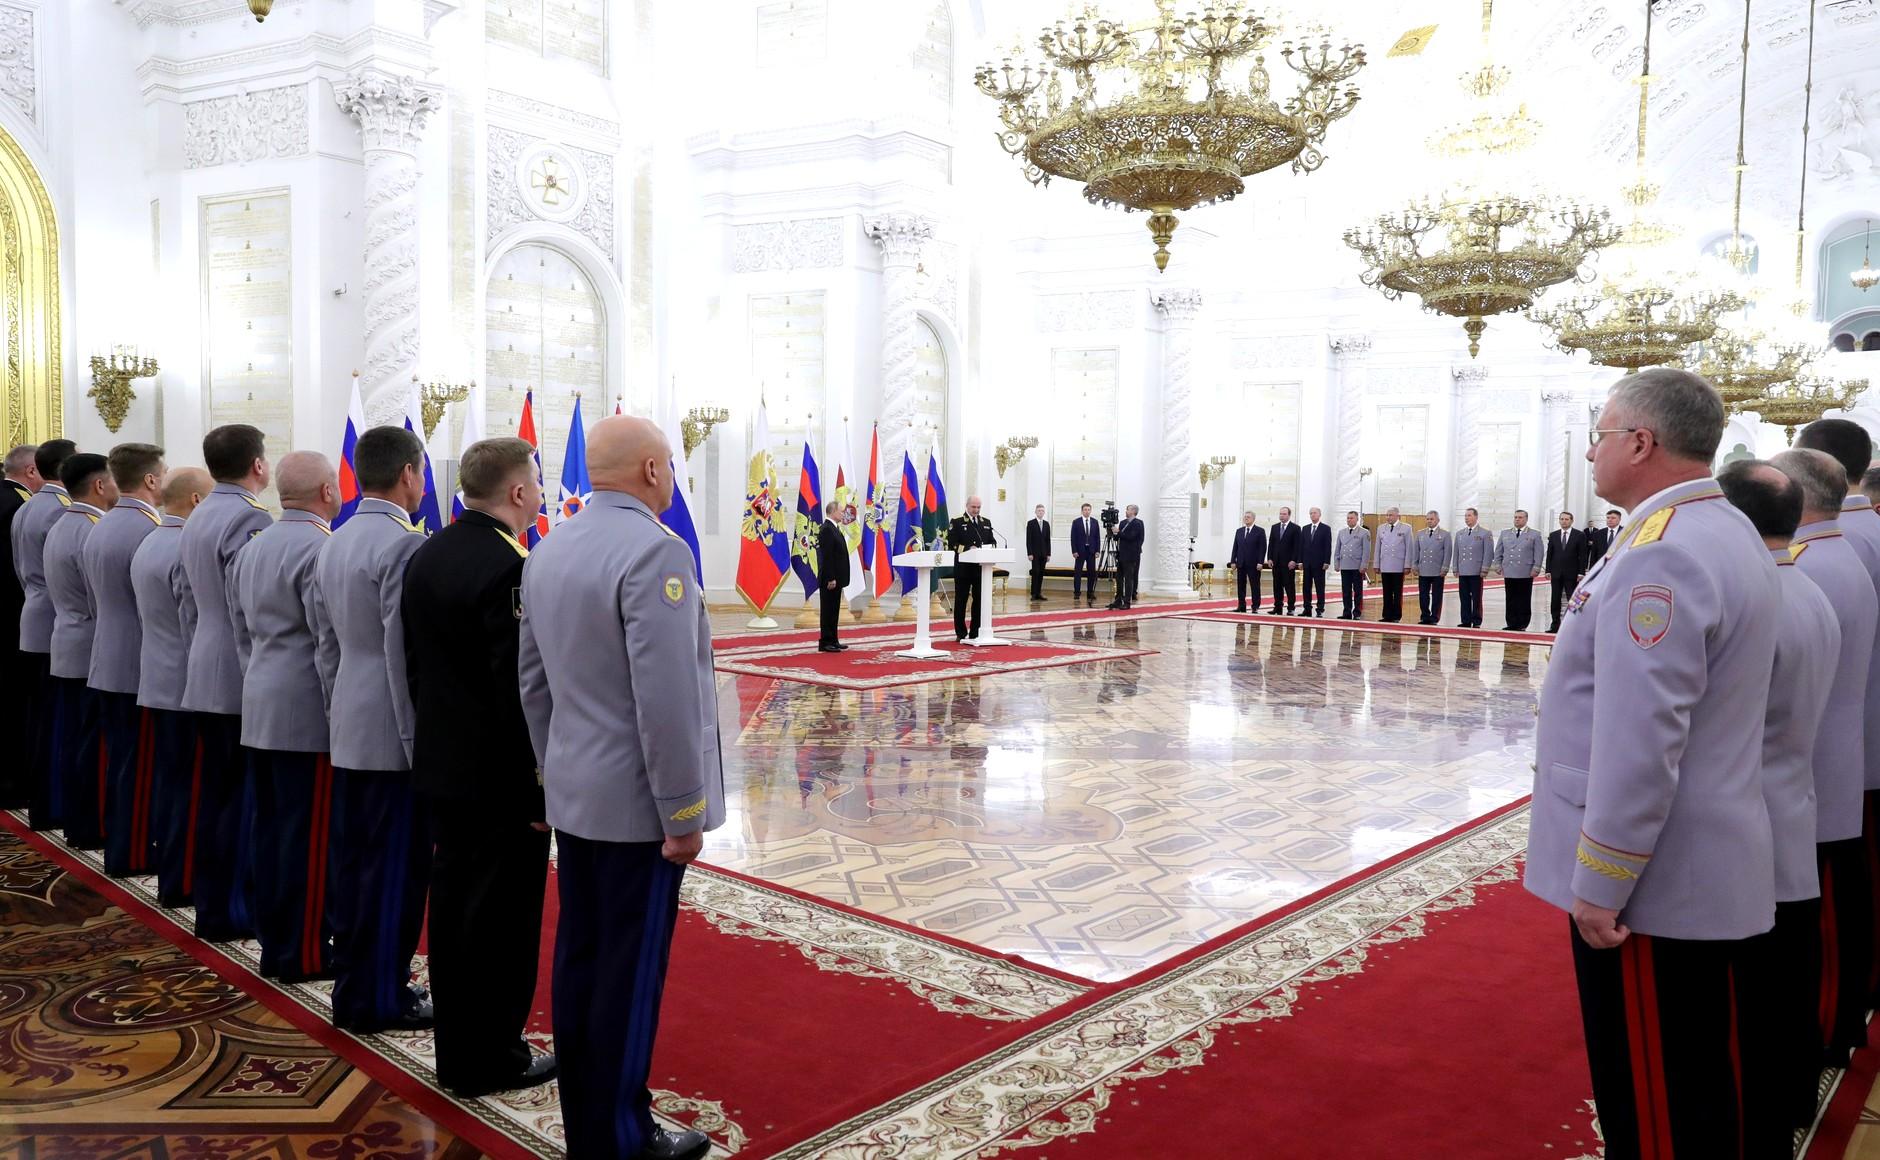 FSB dostanie nowe uprawnienia. Odetną Rosjan od świata?